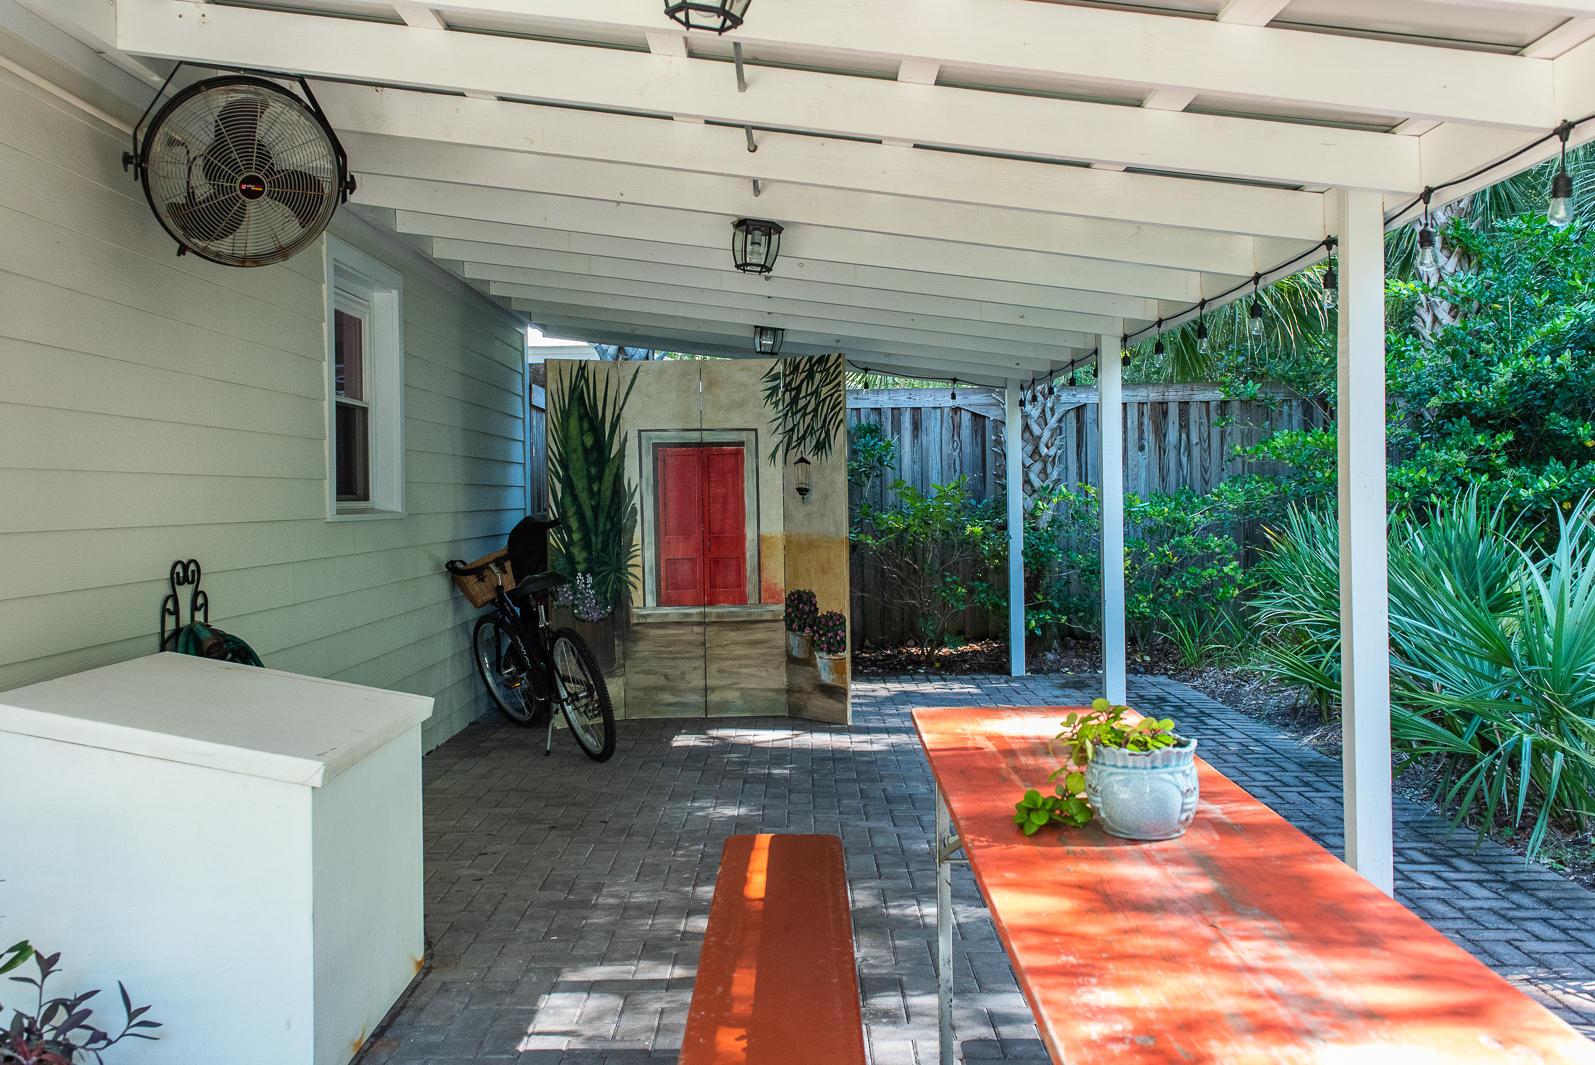 Old Mt Pleasant Homes For Sale - 1344 Fairmont, Mount Pleasant, SC - 64